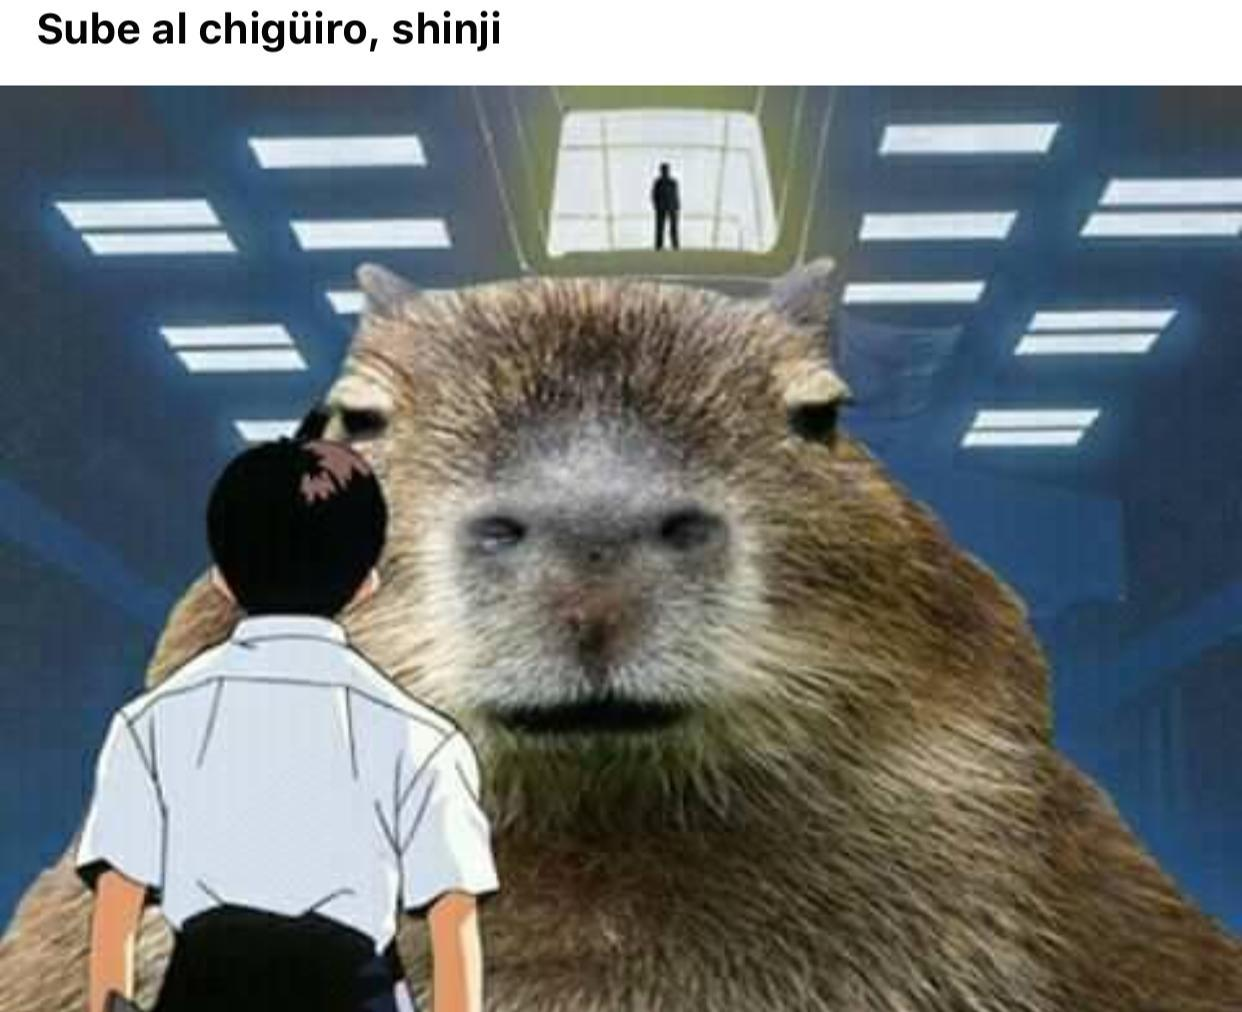 Sube shinji - meme